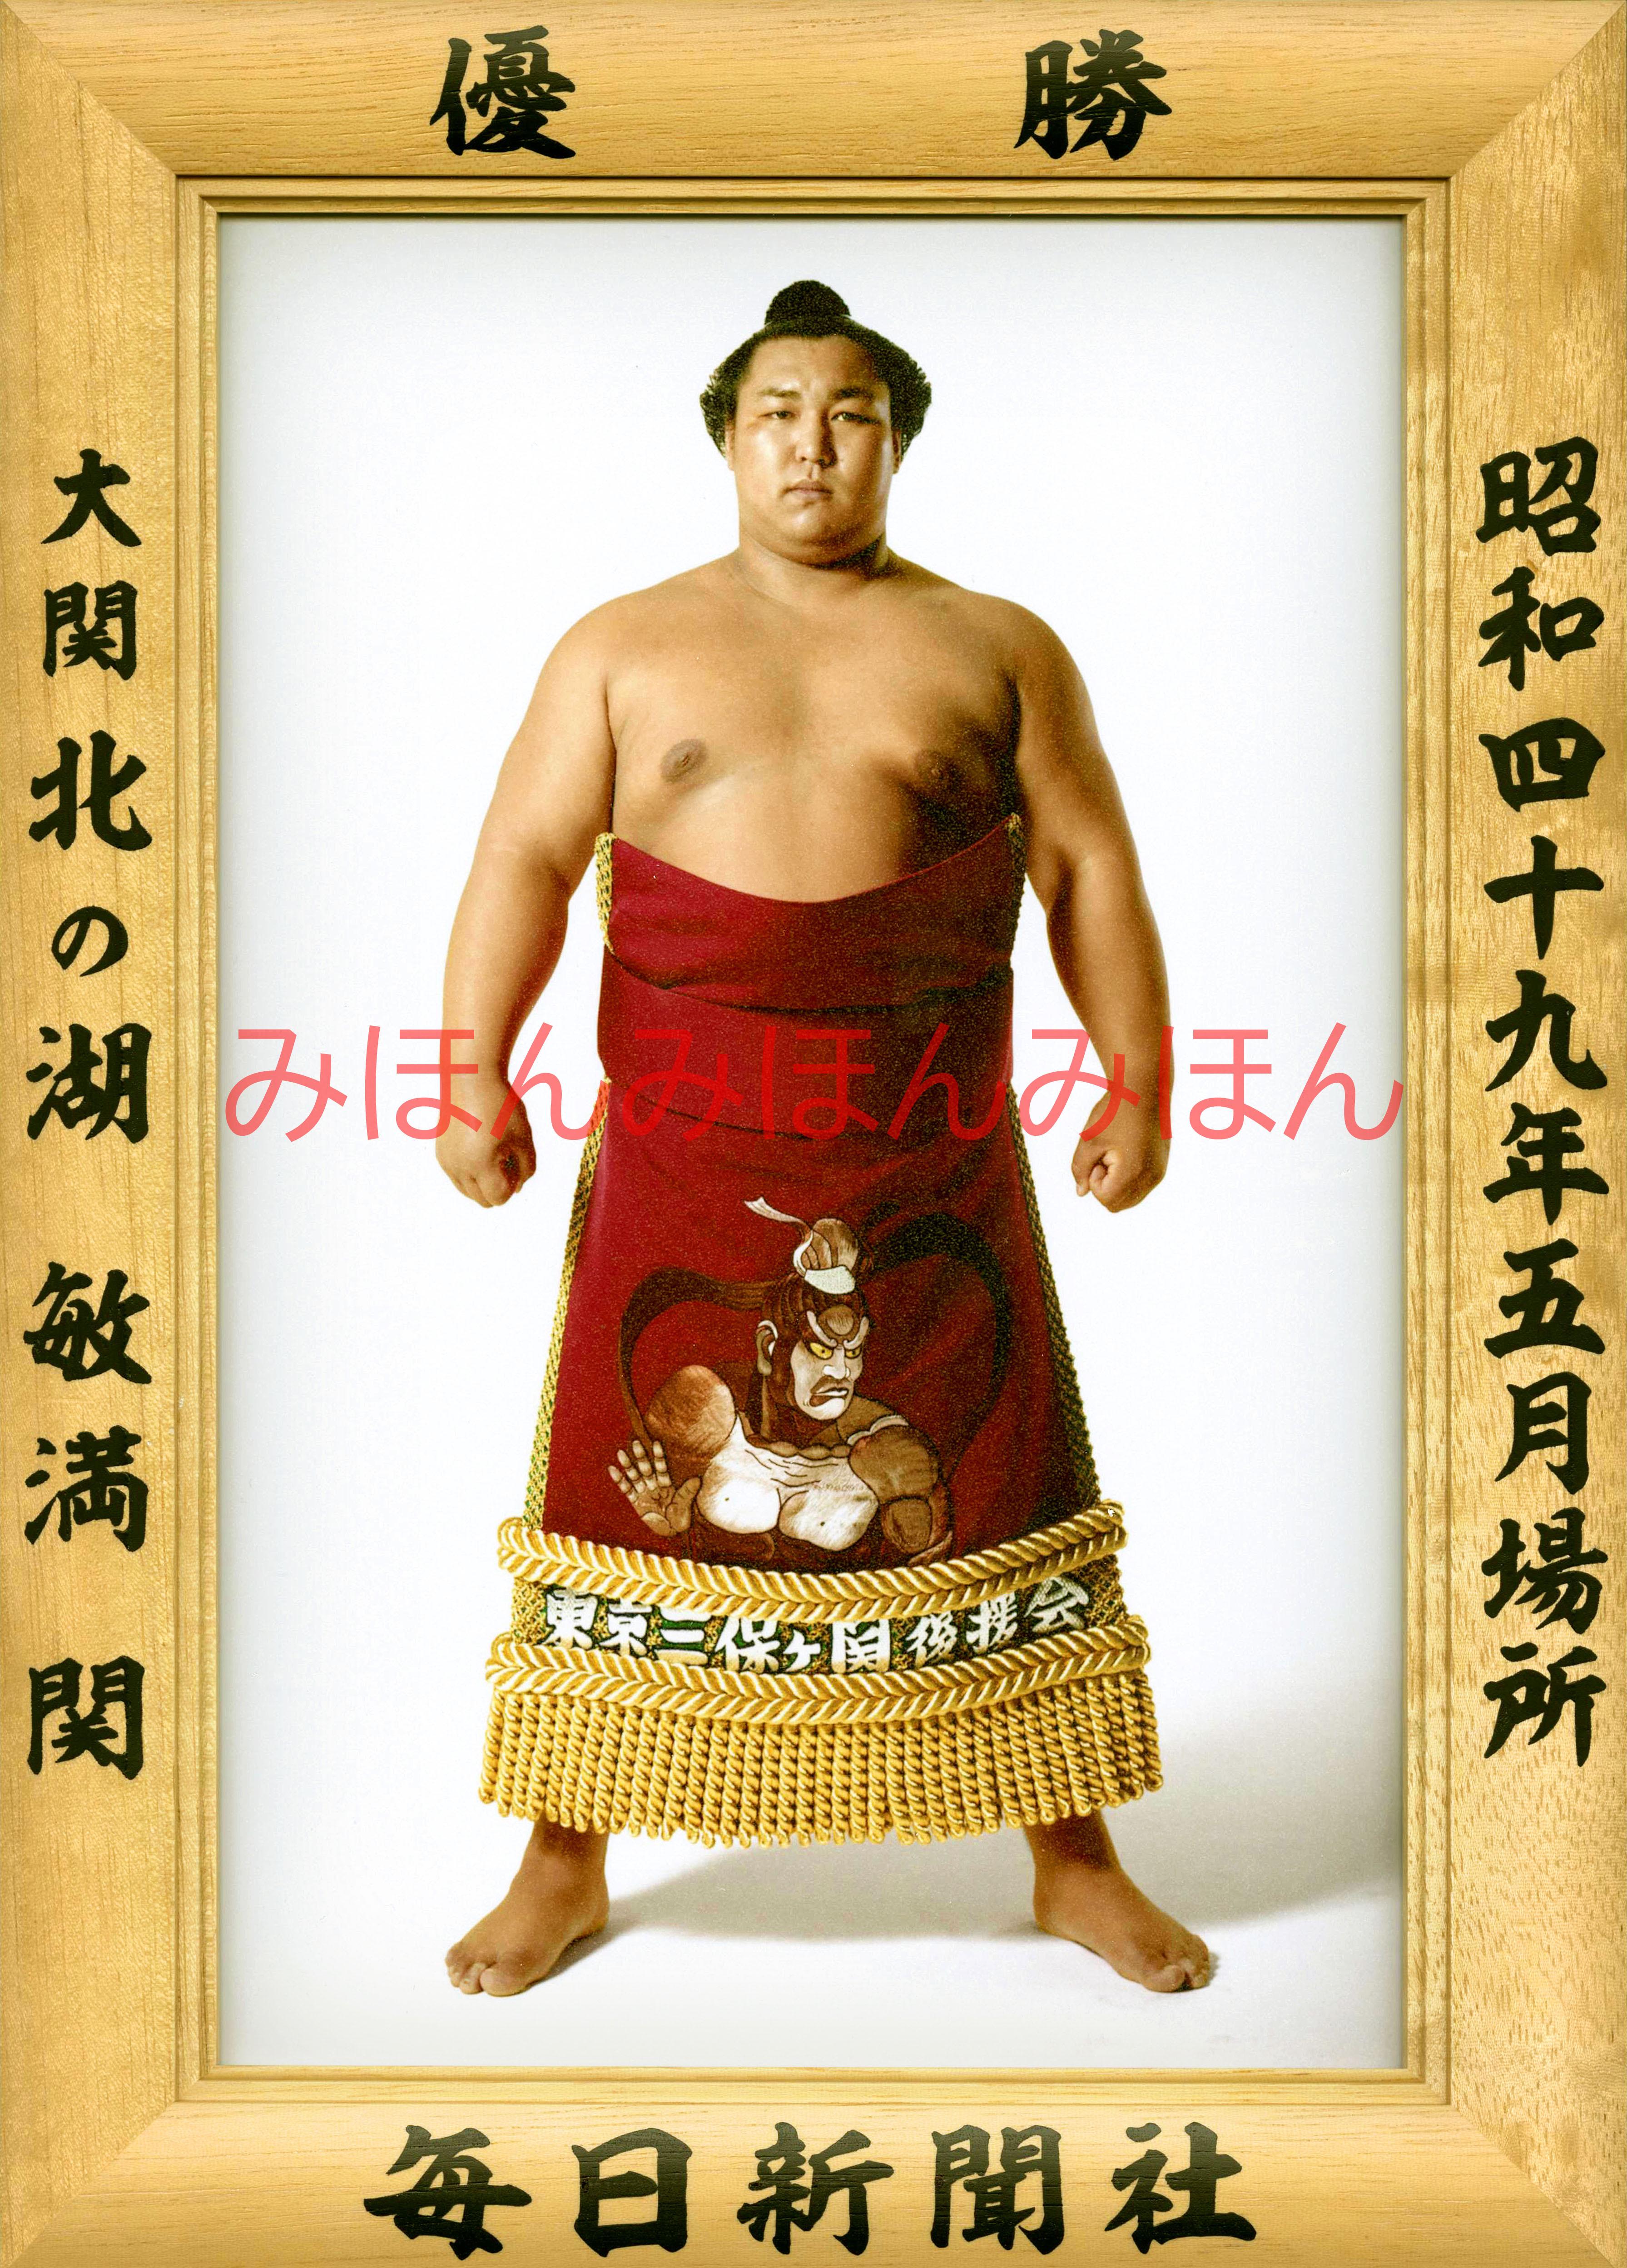 昭和49年5月場所優勝 大関 北の湖敏満関(2回目の優勝)